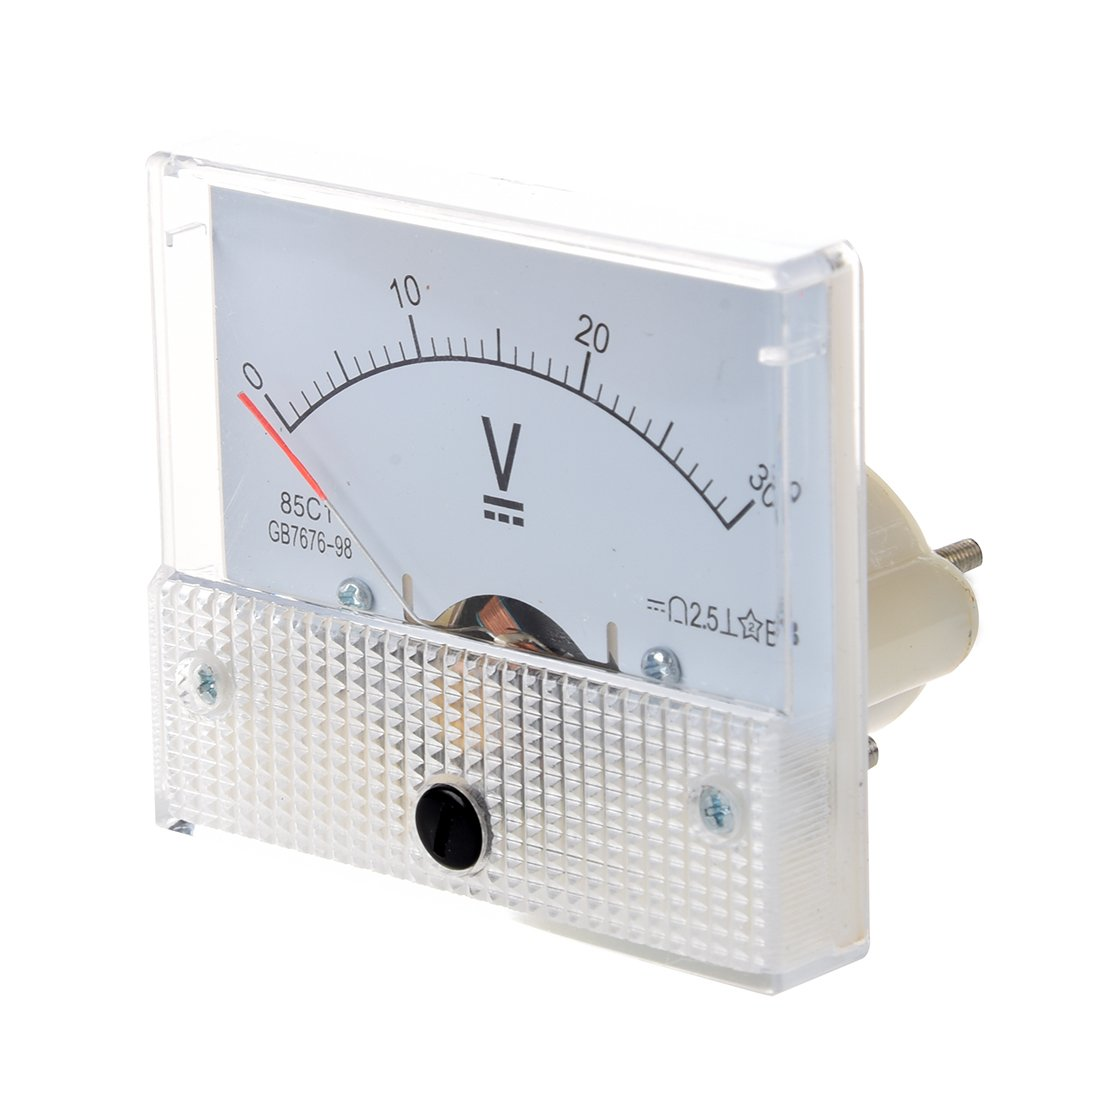 Metrisches O-Ring Kit Gummi-Waschmaschine Dichtungen Sortiment Set 30/Gr/ö/ßen/?/High Engineering Grade Nitril Gummi ideal f/ür Wartung und dar/über/?/Versand direkt von NBR//Buna